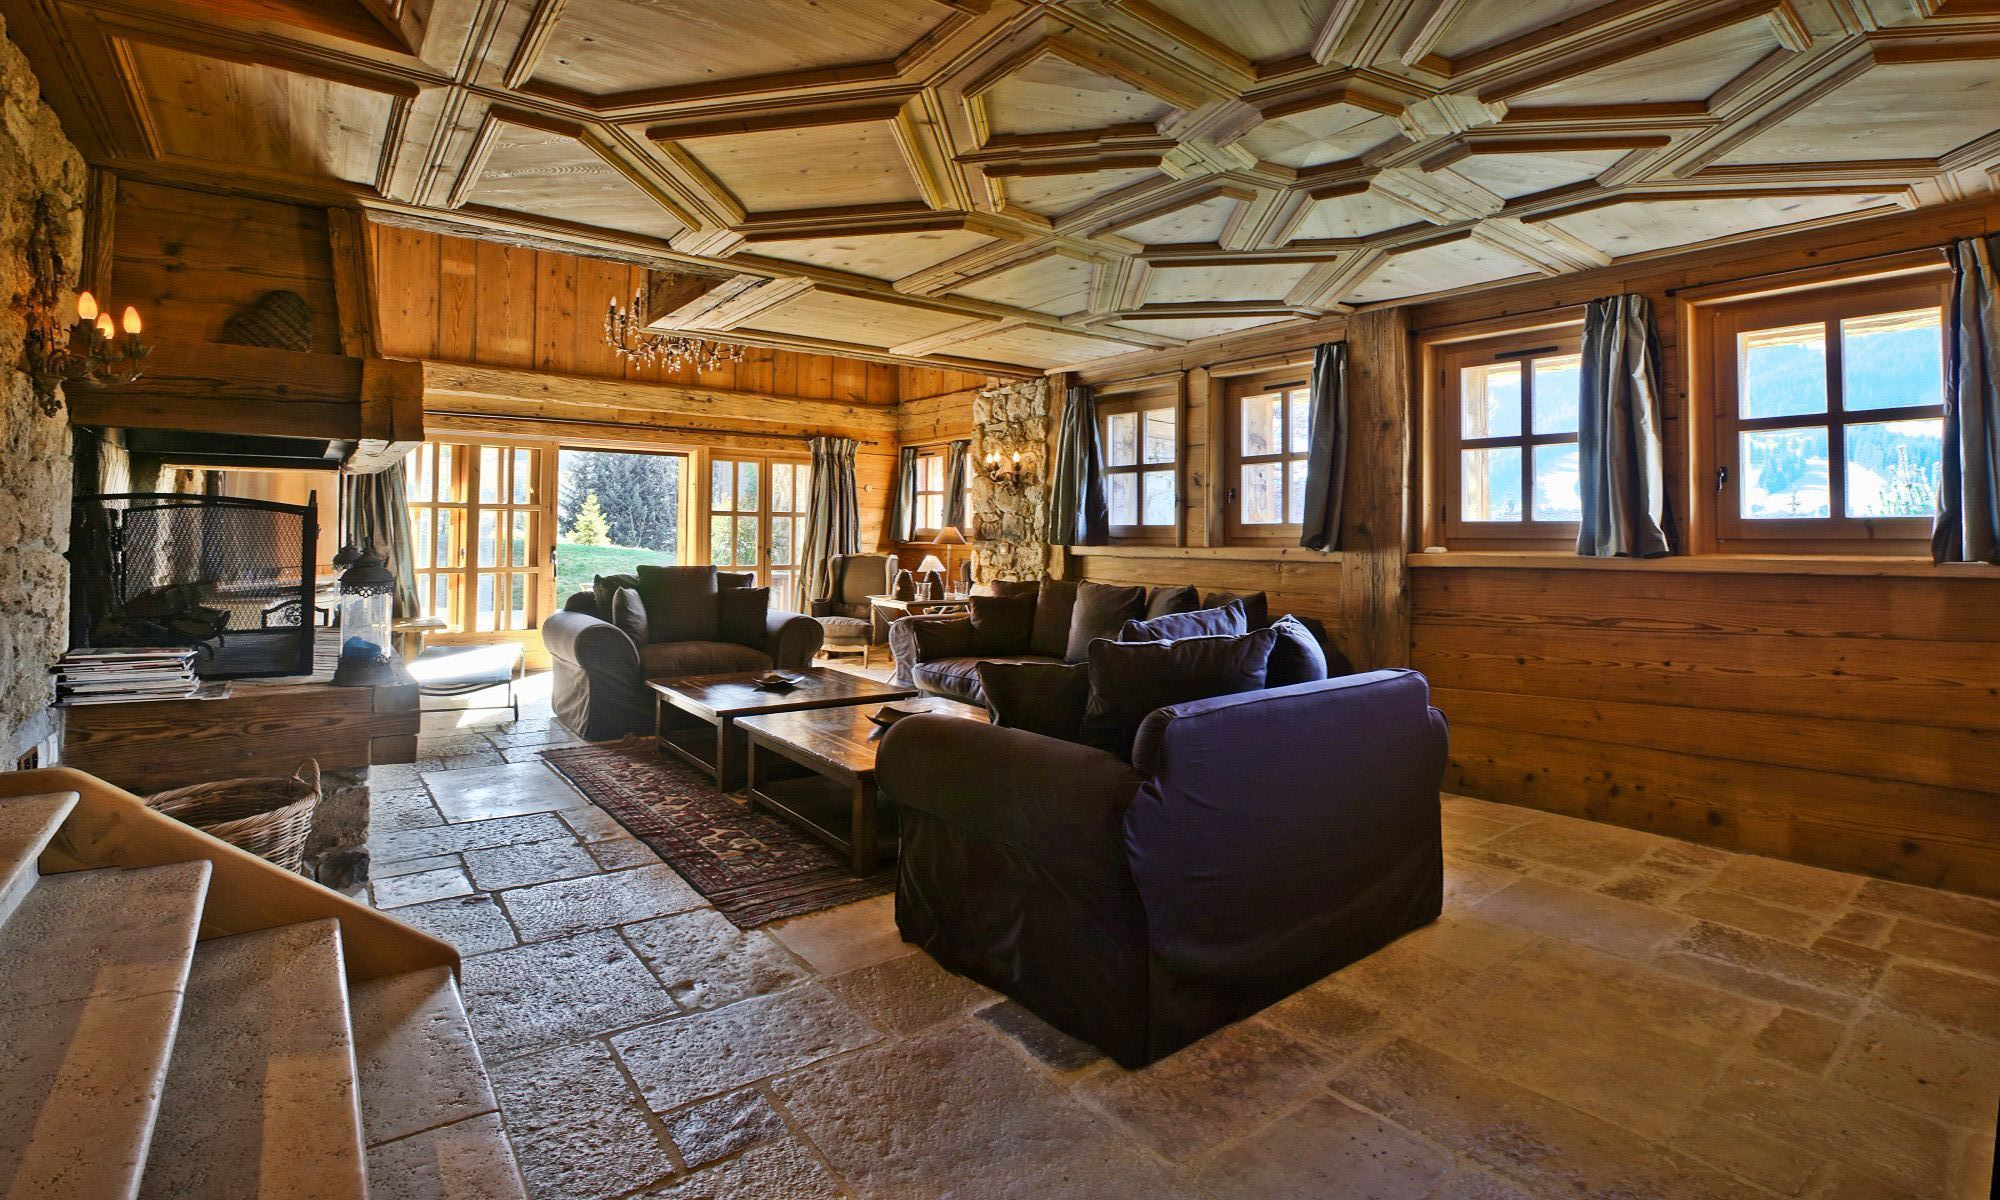 Single Family Home for Sale at Megève Mont d'Arbois Chalet Opale Megeve, Rhone-Alpes, 74120 France